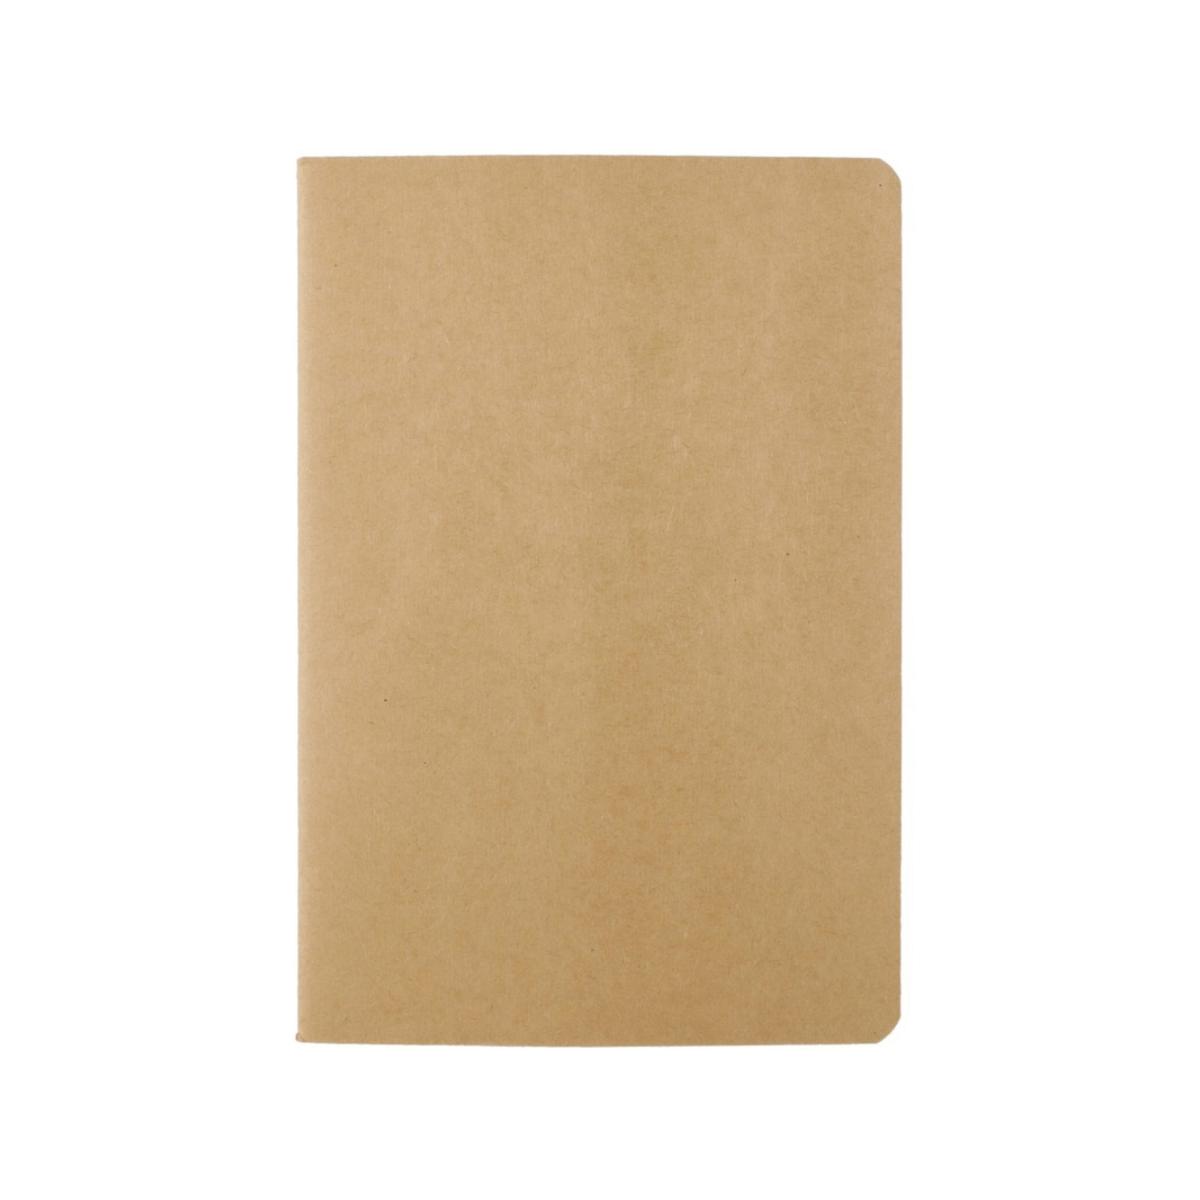 Notes eko z nadrukiem